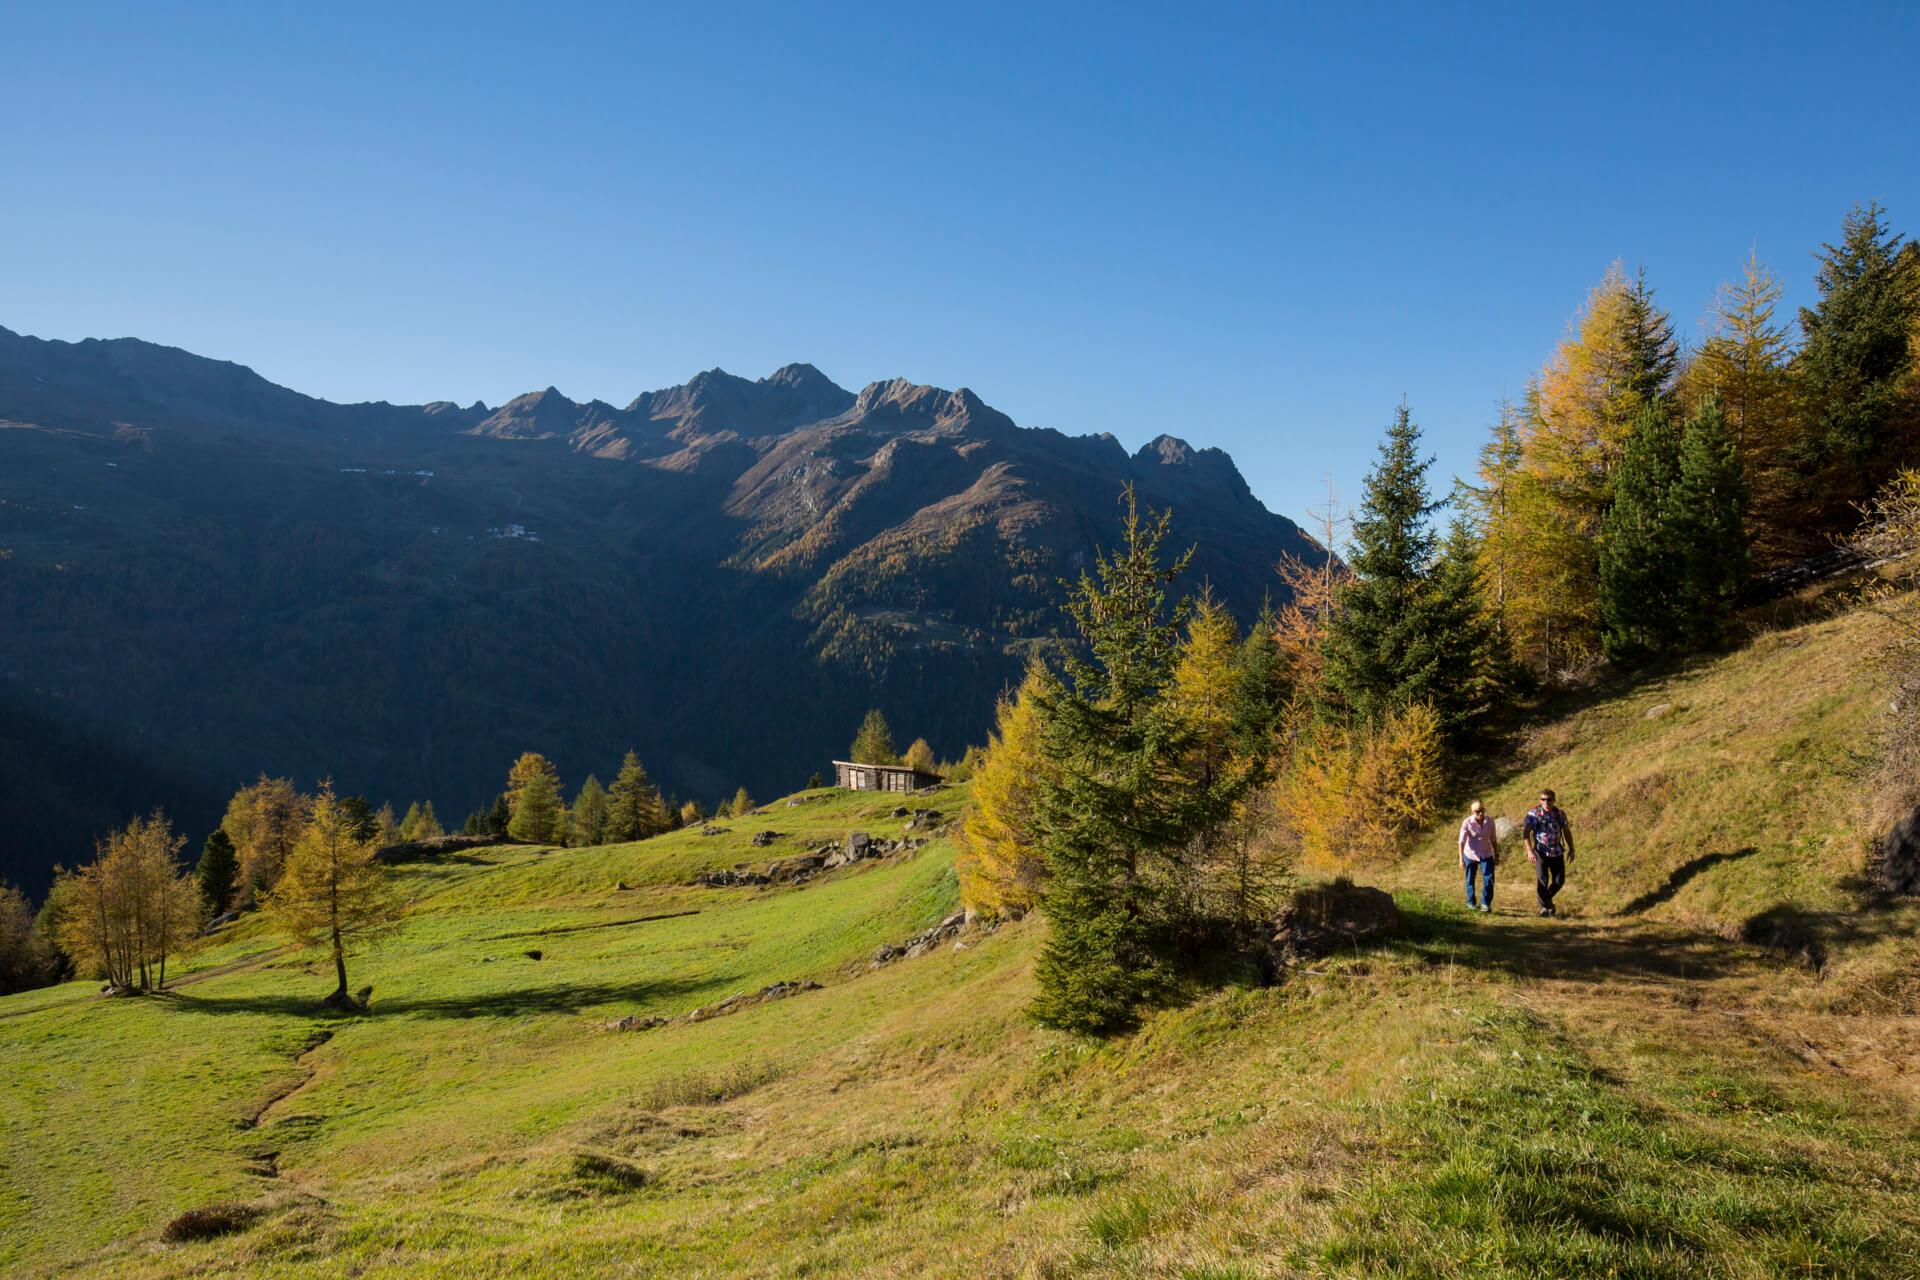 Herbstwanderszene bei der Stallwiesalm, Oetztaler Alpen, Tirol, Oesterreich.